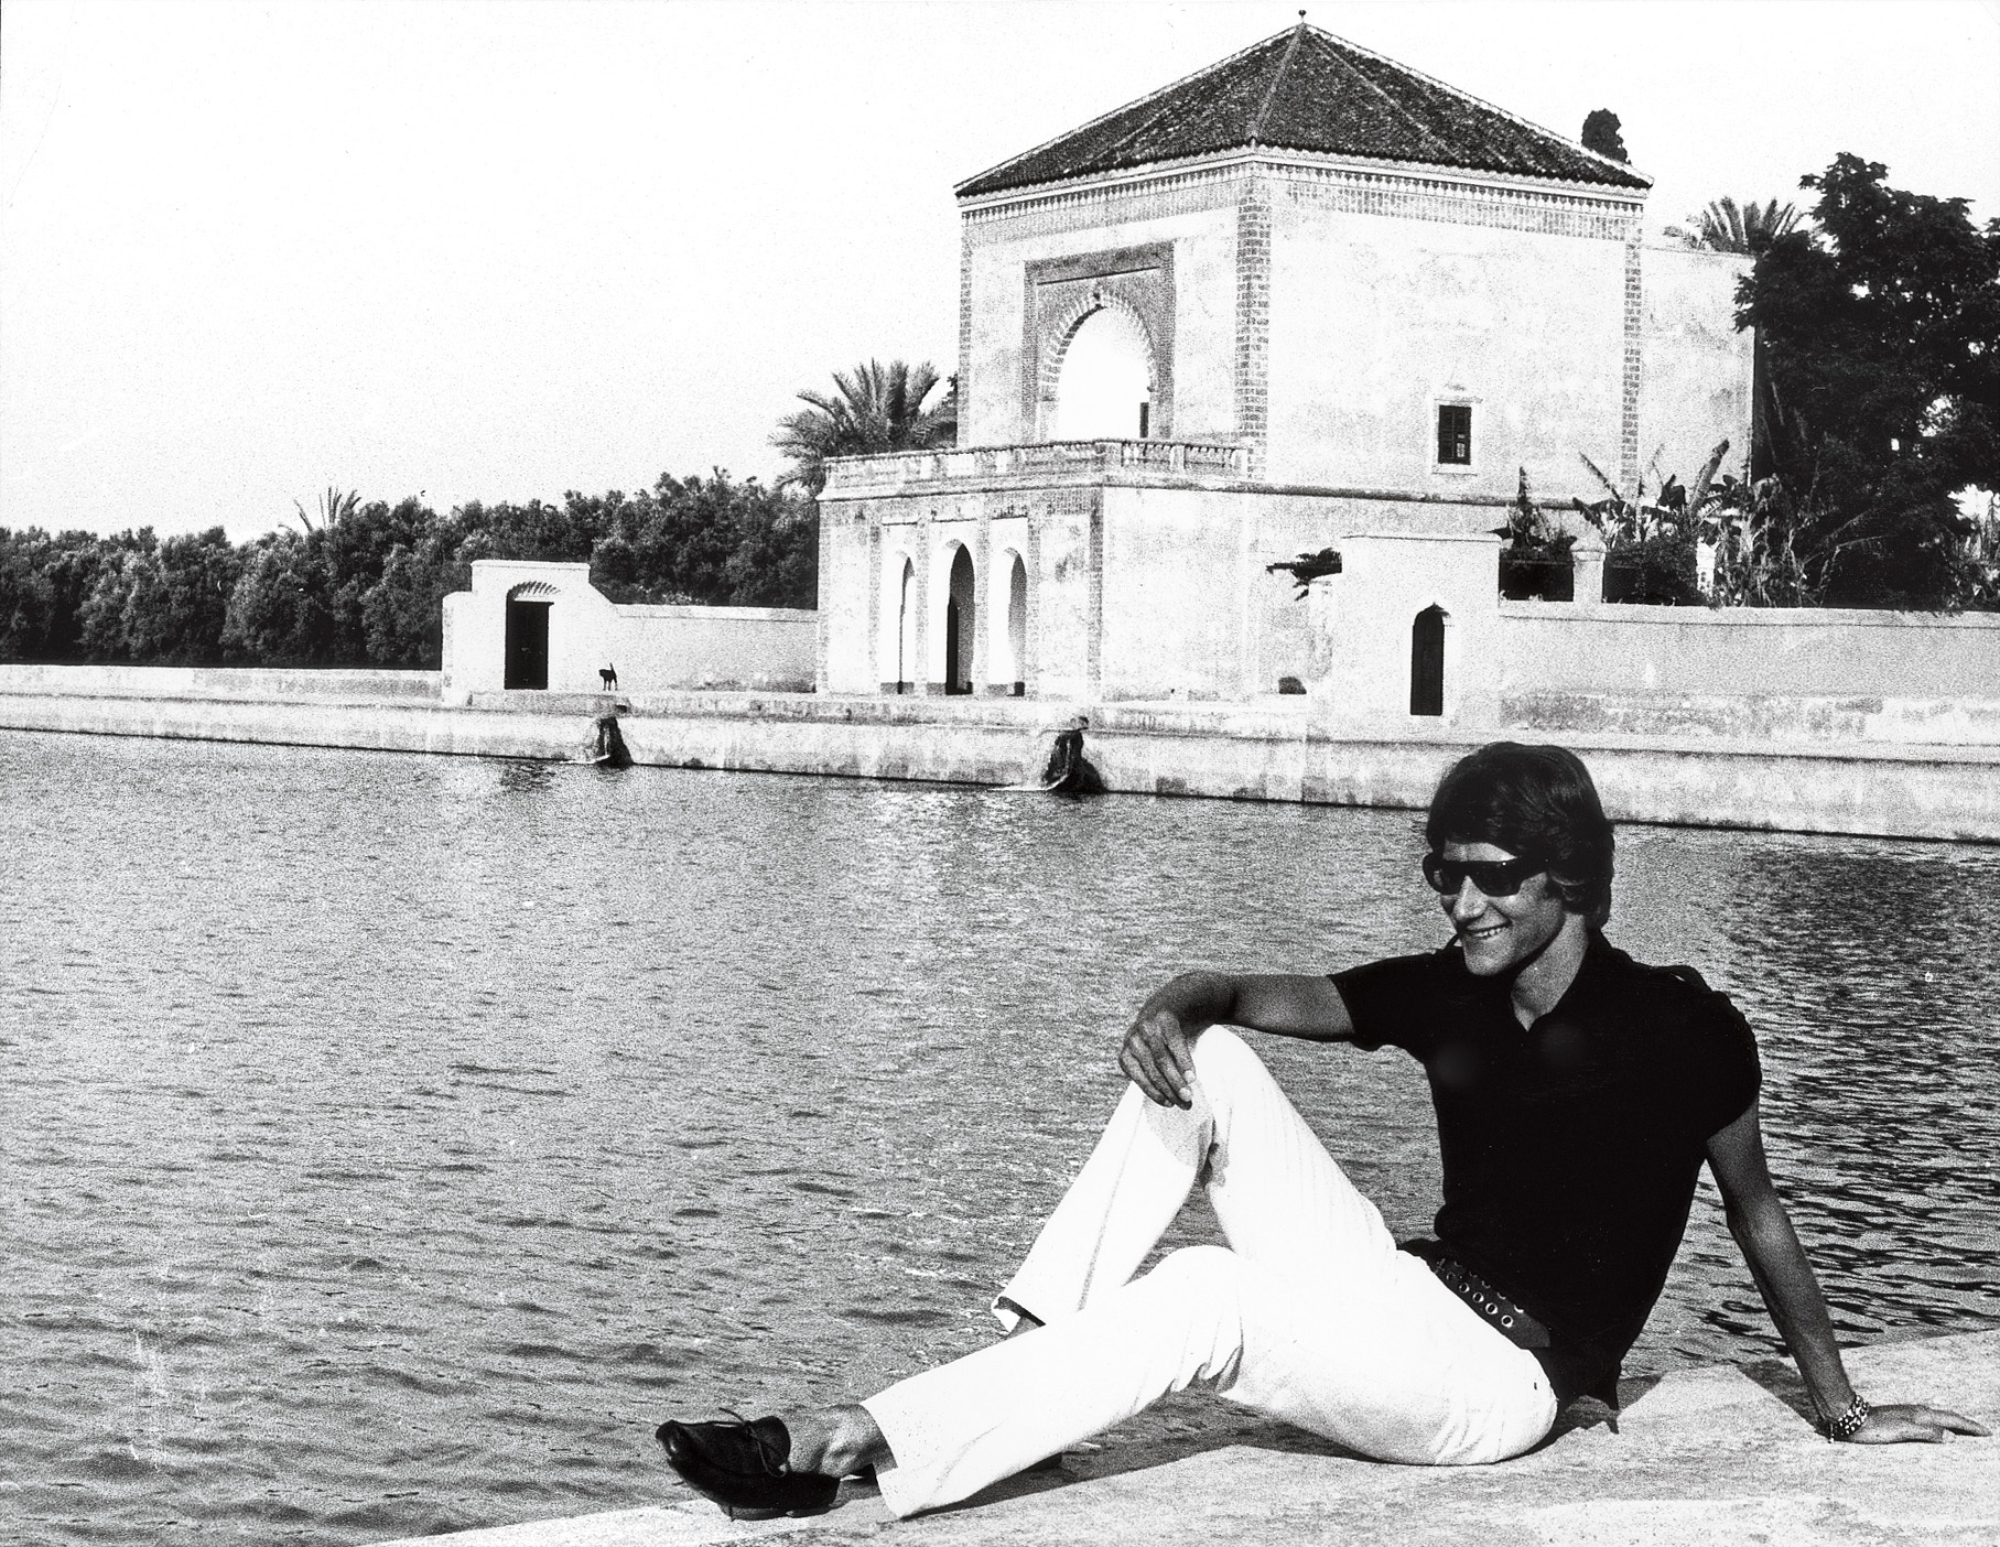 c443ff6ba7d Yves Saint Laurent à vélo, Maroc, dans les années 1960. Photographie de  Pierre Bergé.